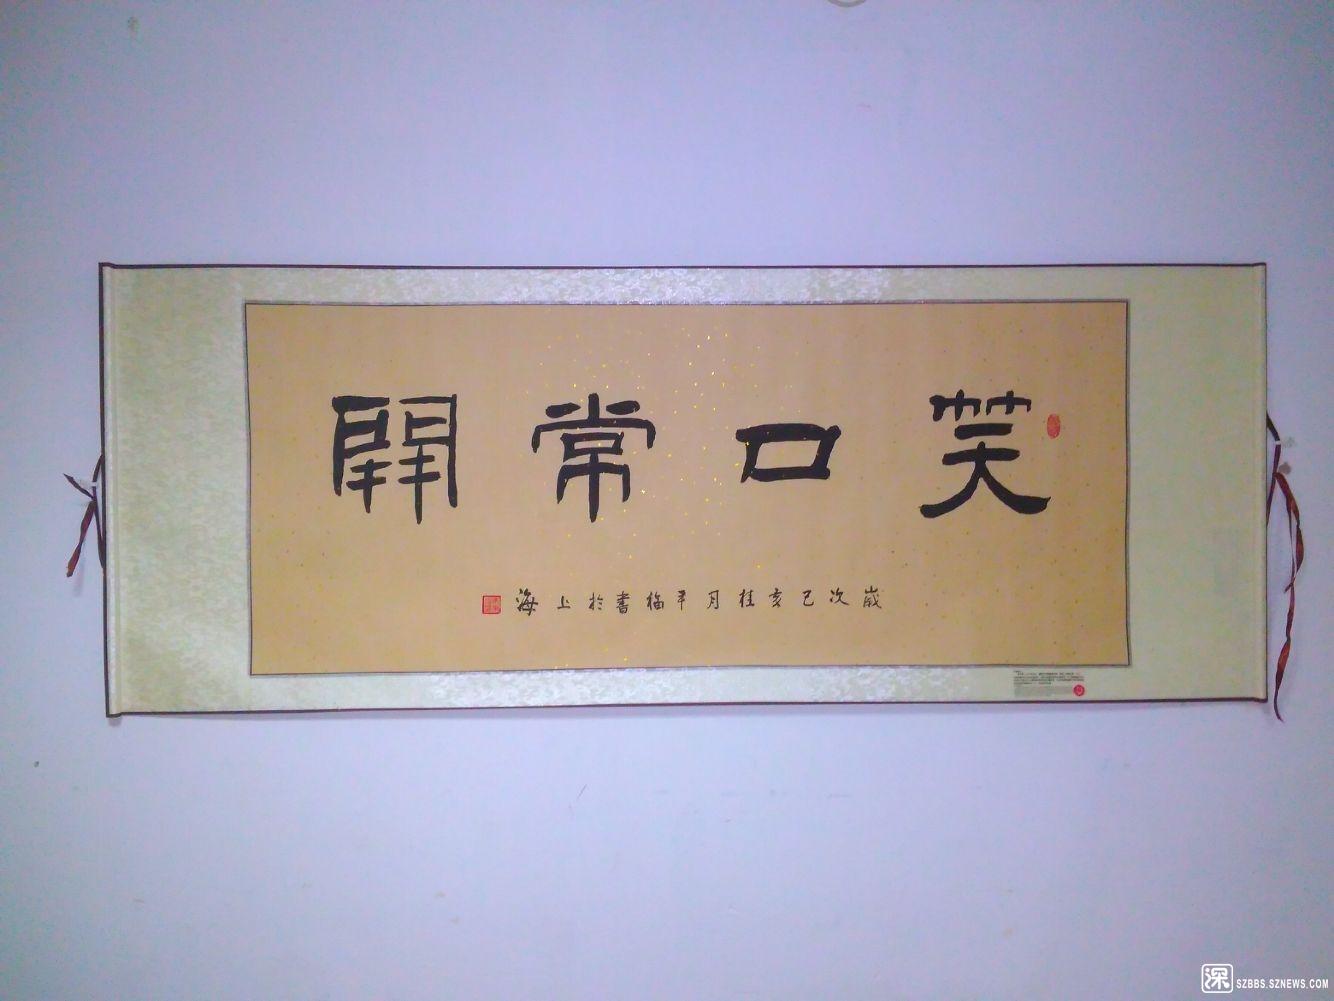 马平福 国际知名书画家 收藏级艺术品21663.jpg